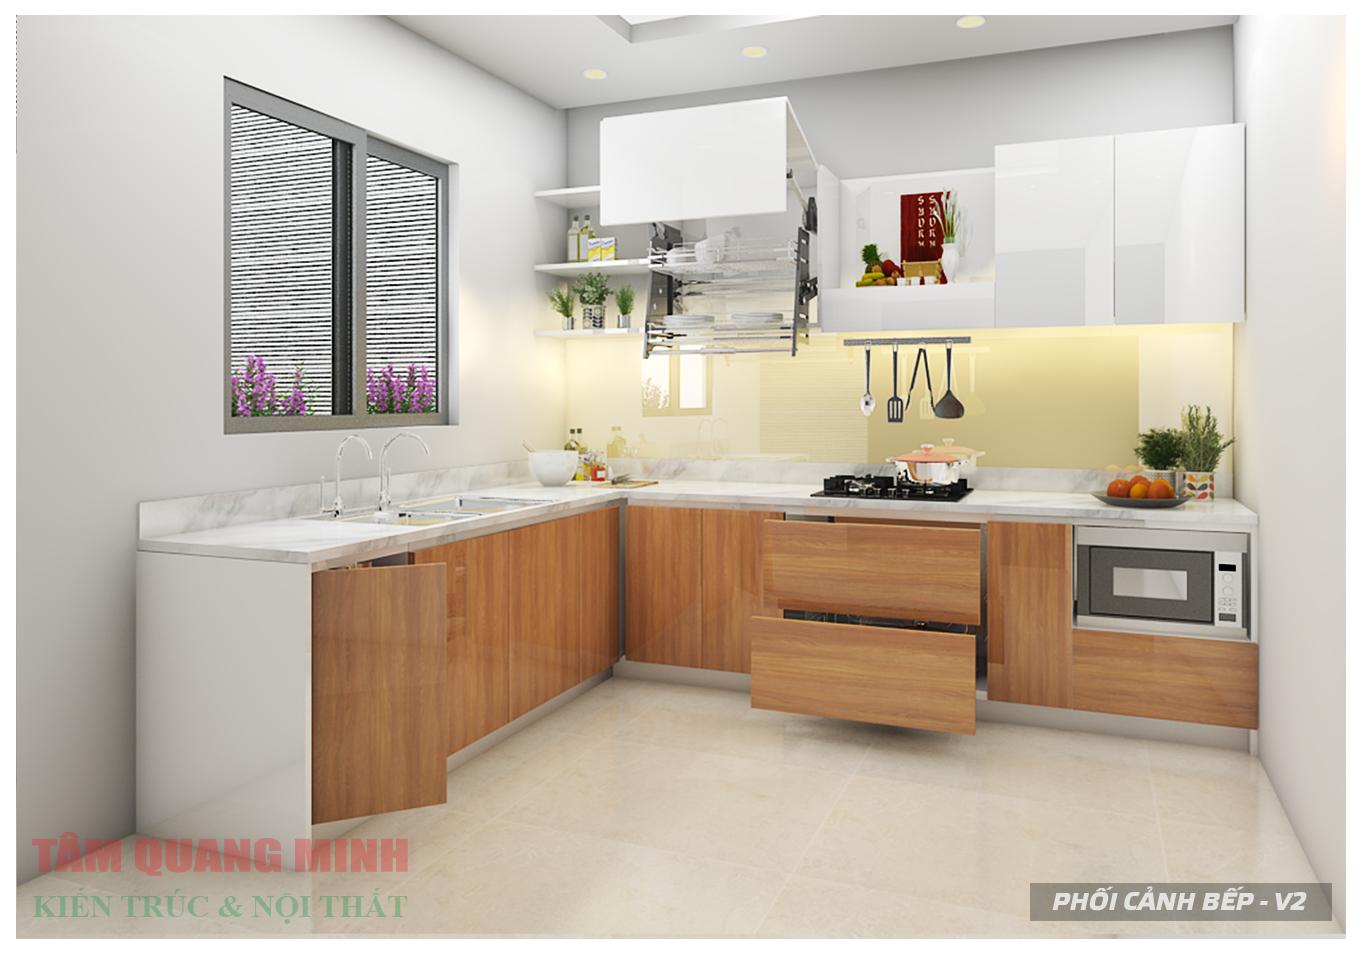 Cách phân chia khu vực cho tủ bếp